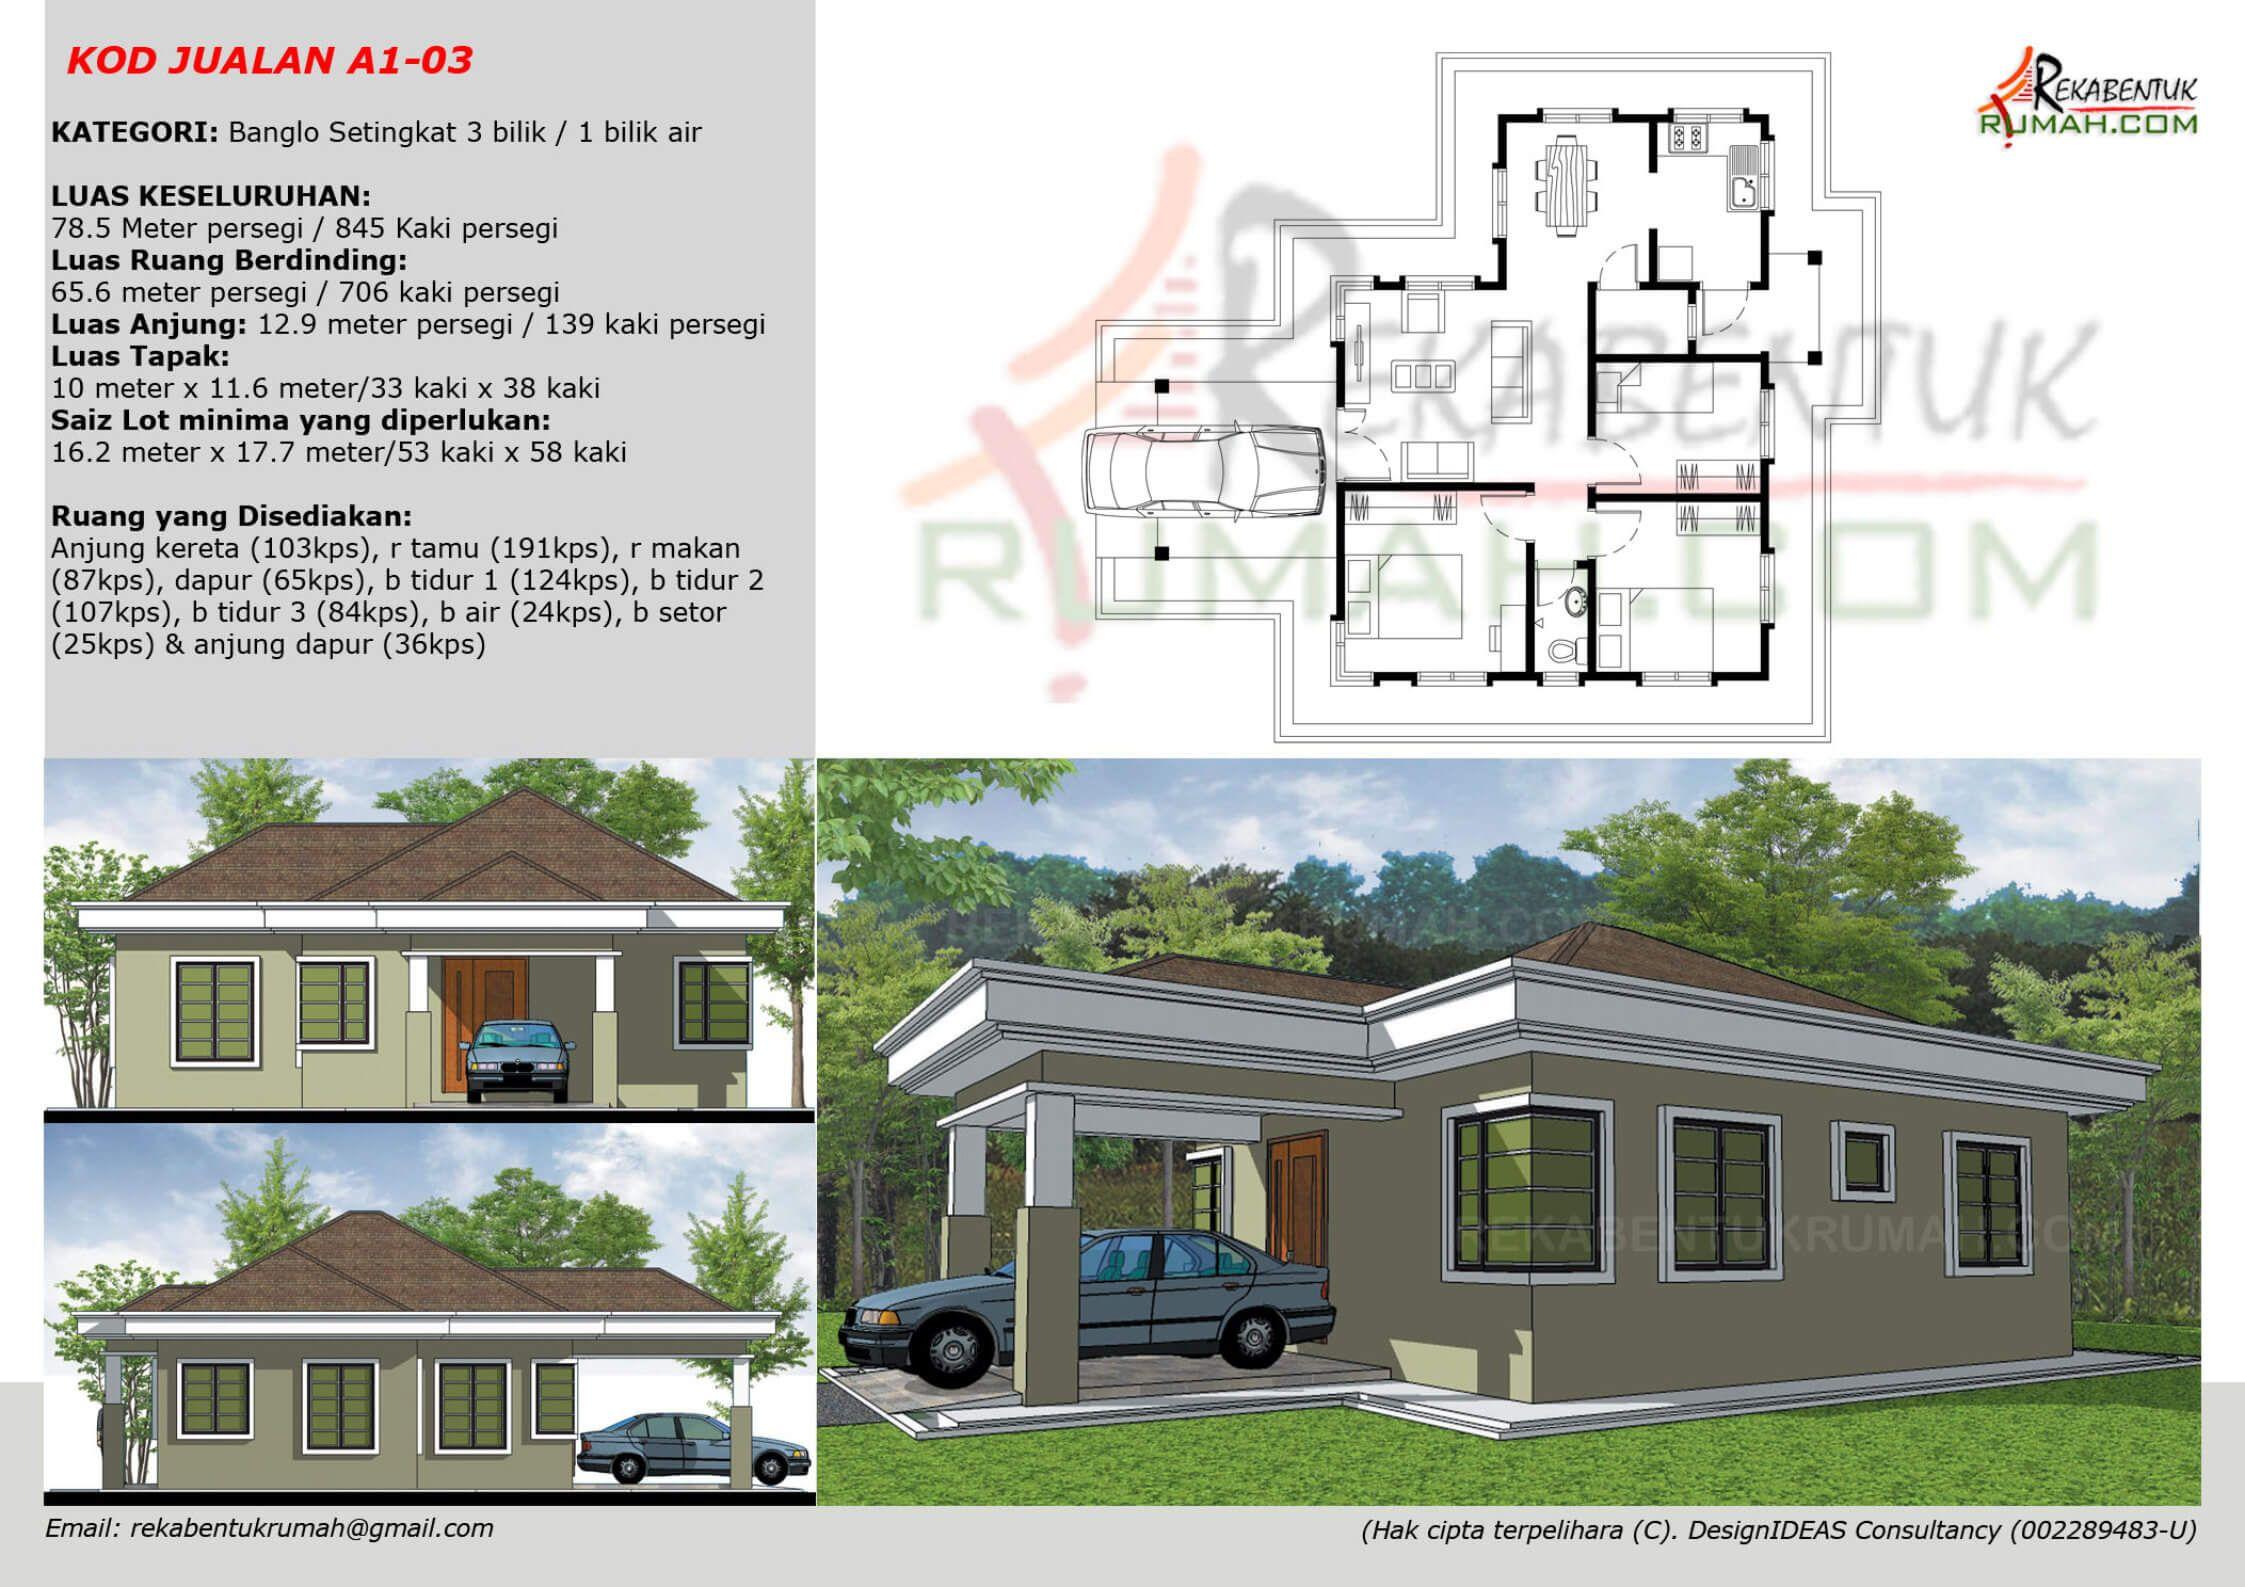 Buat Rumah Atas Tanah Sendiri Sabah Desain Dekorasi Rumah